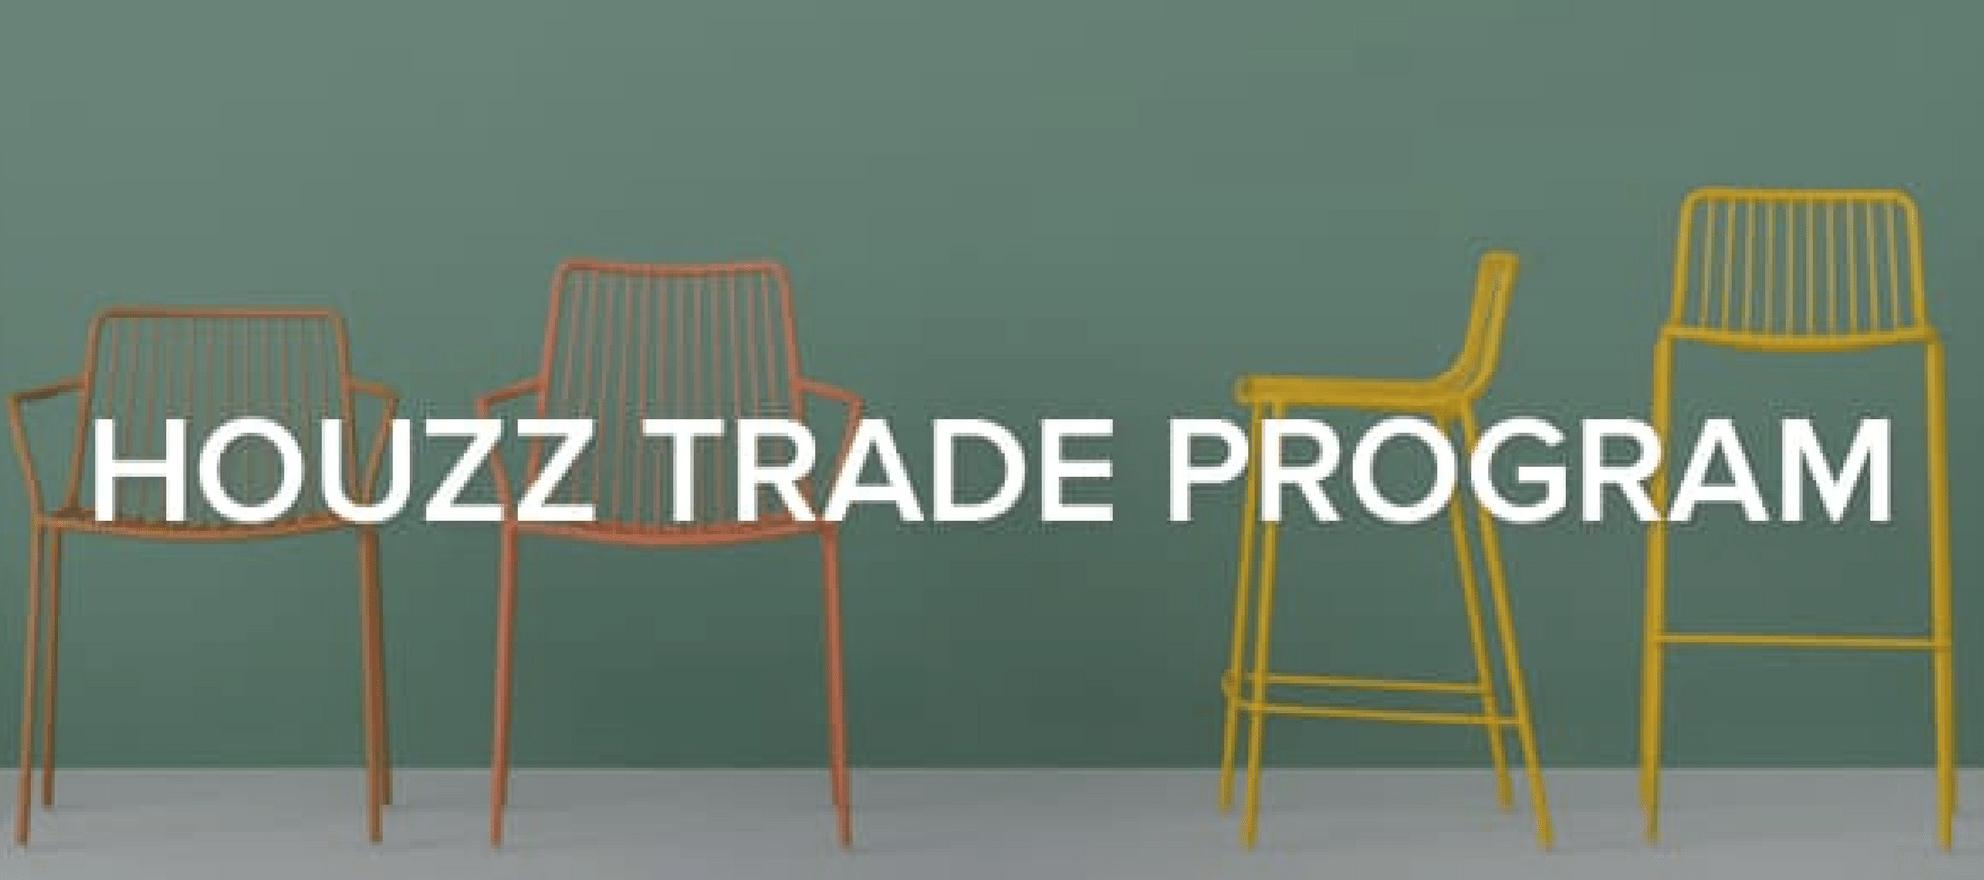 houzz trade program